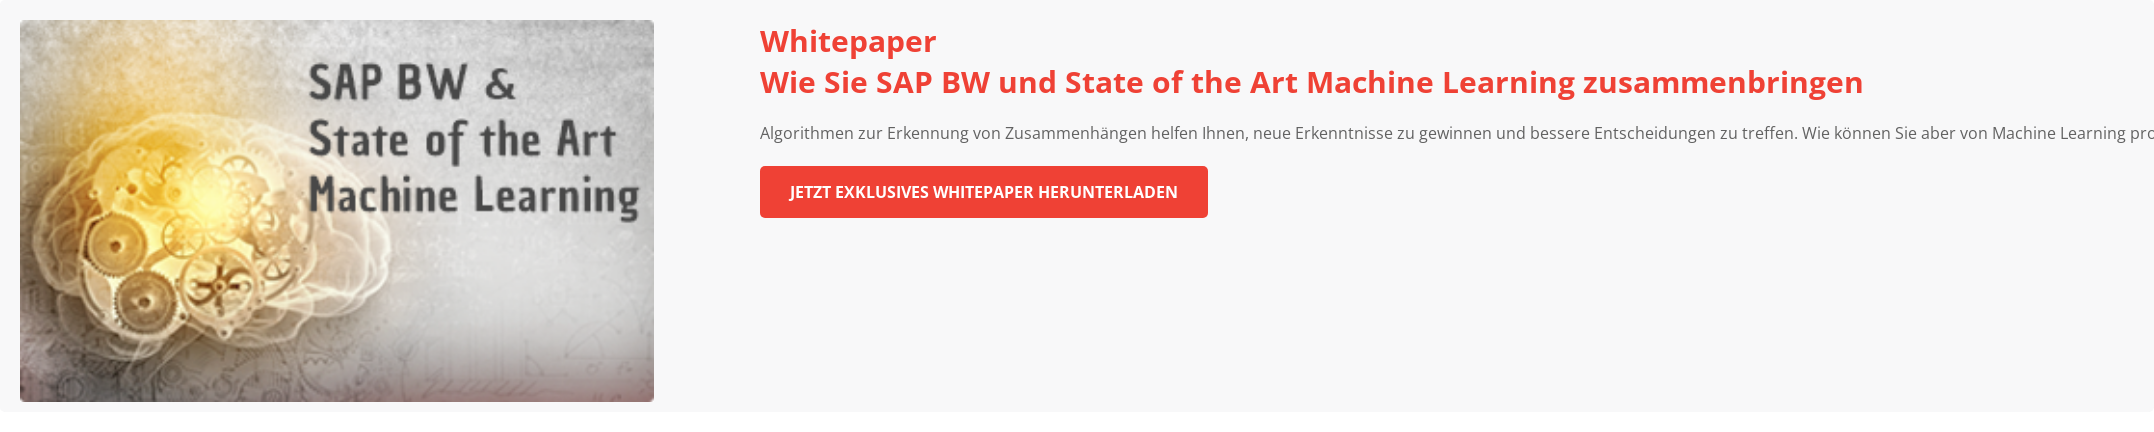 Wie Sie SAP BW und State of the Art Machine Learning zusammenbringen   Algorithmen zur Erkennung von Zusammenhängen helfen Ihnen, neue Erkenntnisse zu  gewinnen und bessere Entscheidungen zu treffen. Wie können Sie aber von Machine  Learning profitieren? Und wie können Sie sich dabei bestehende SAP BW  Infrastruktur voll zunutze machen?  Zum Whitepaper